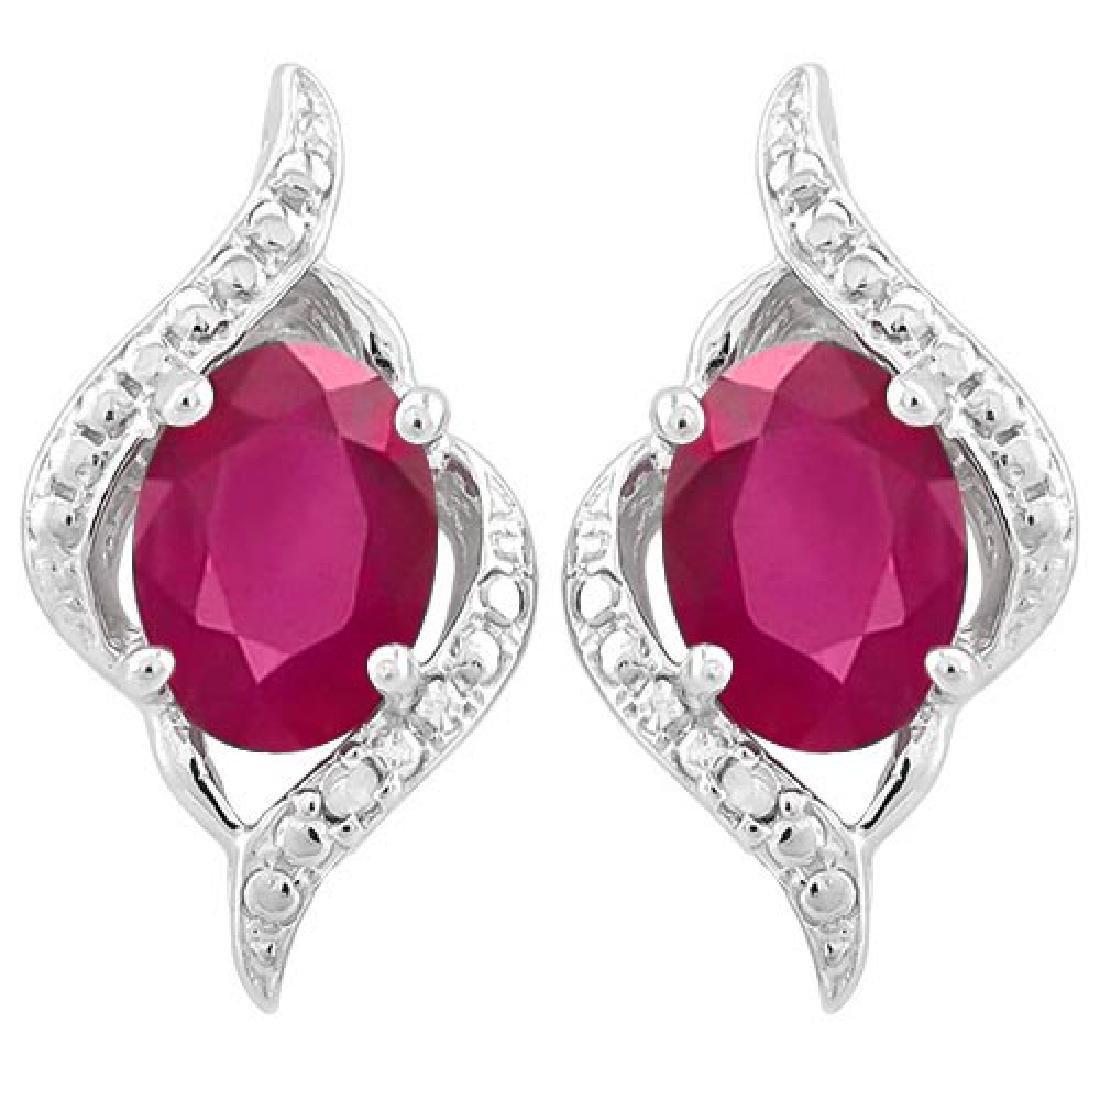 2 CARAT AFRICAN RUBY & DIAMOND 925 STERLING SILVER EARR